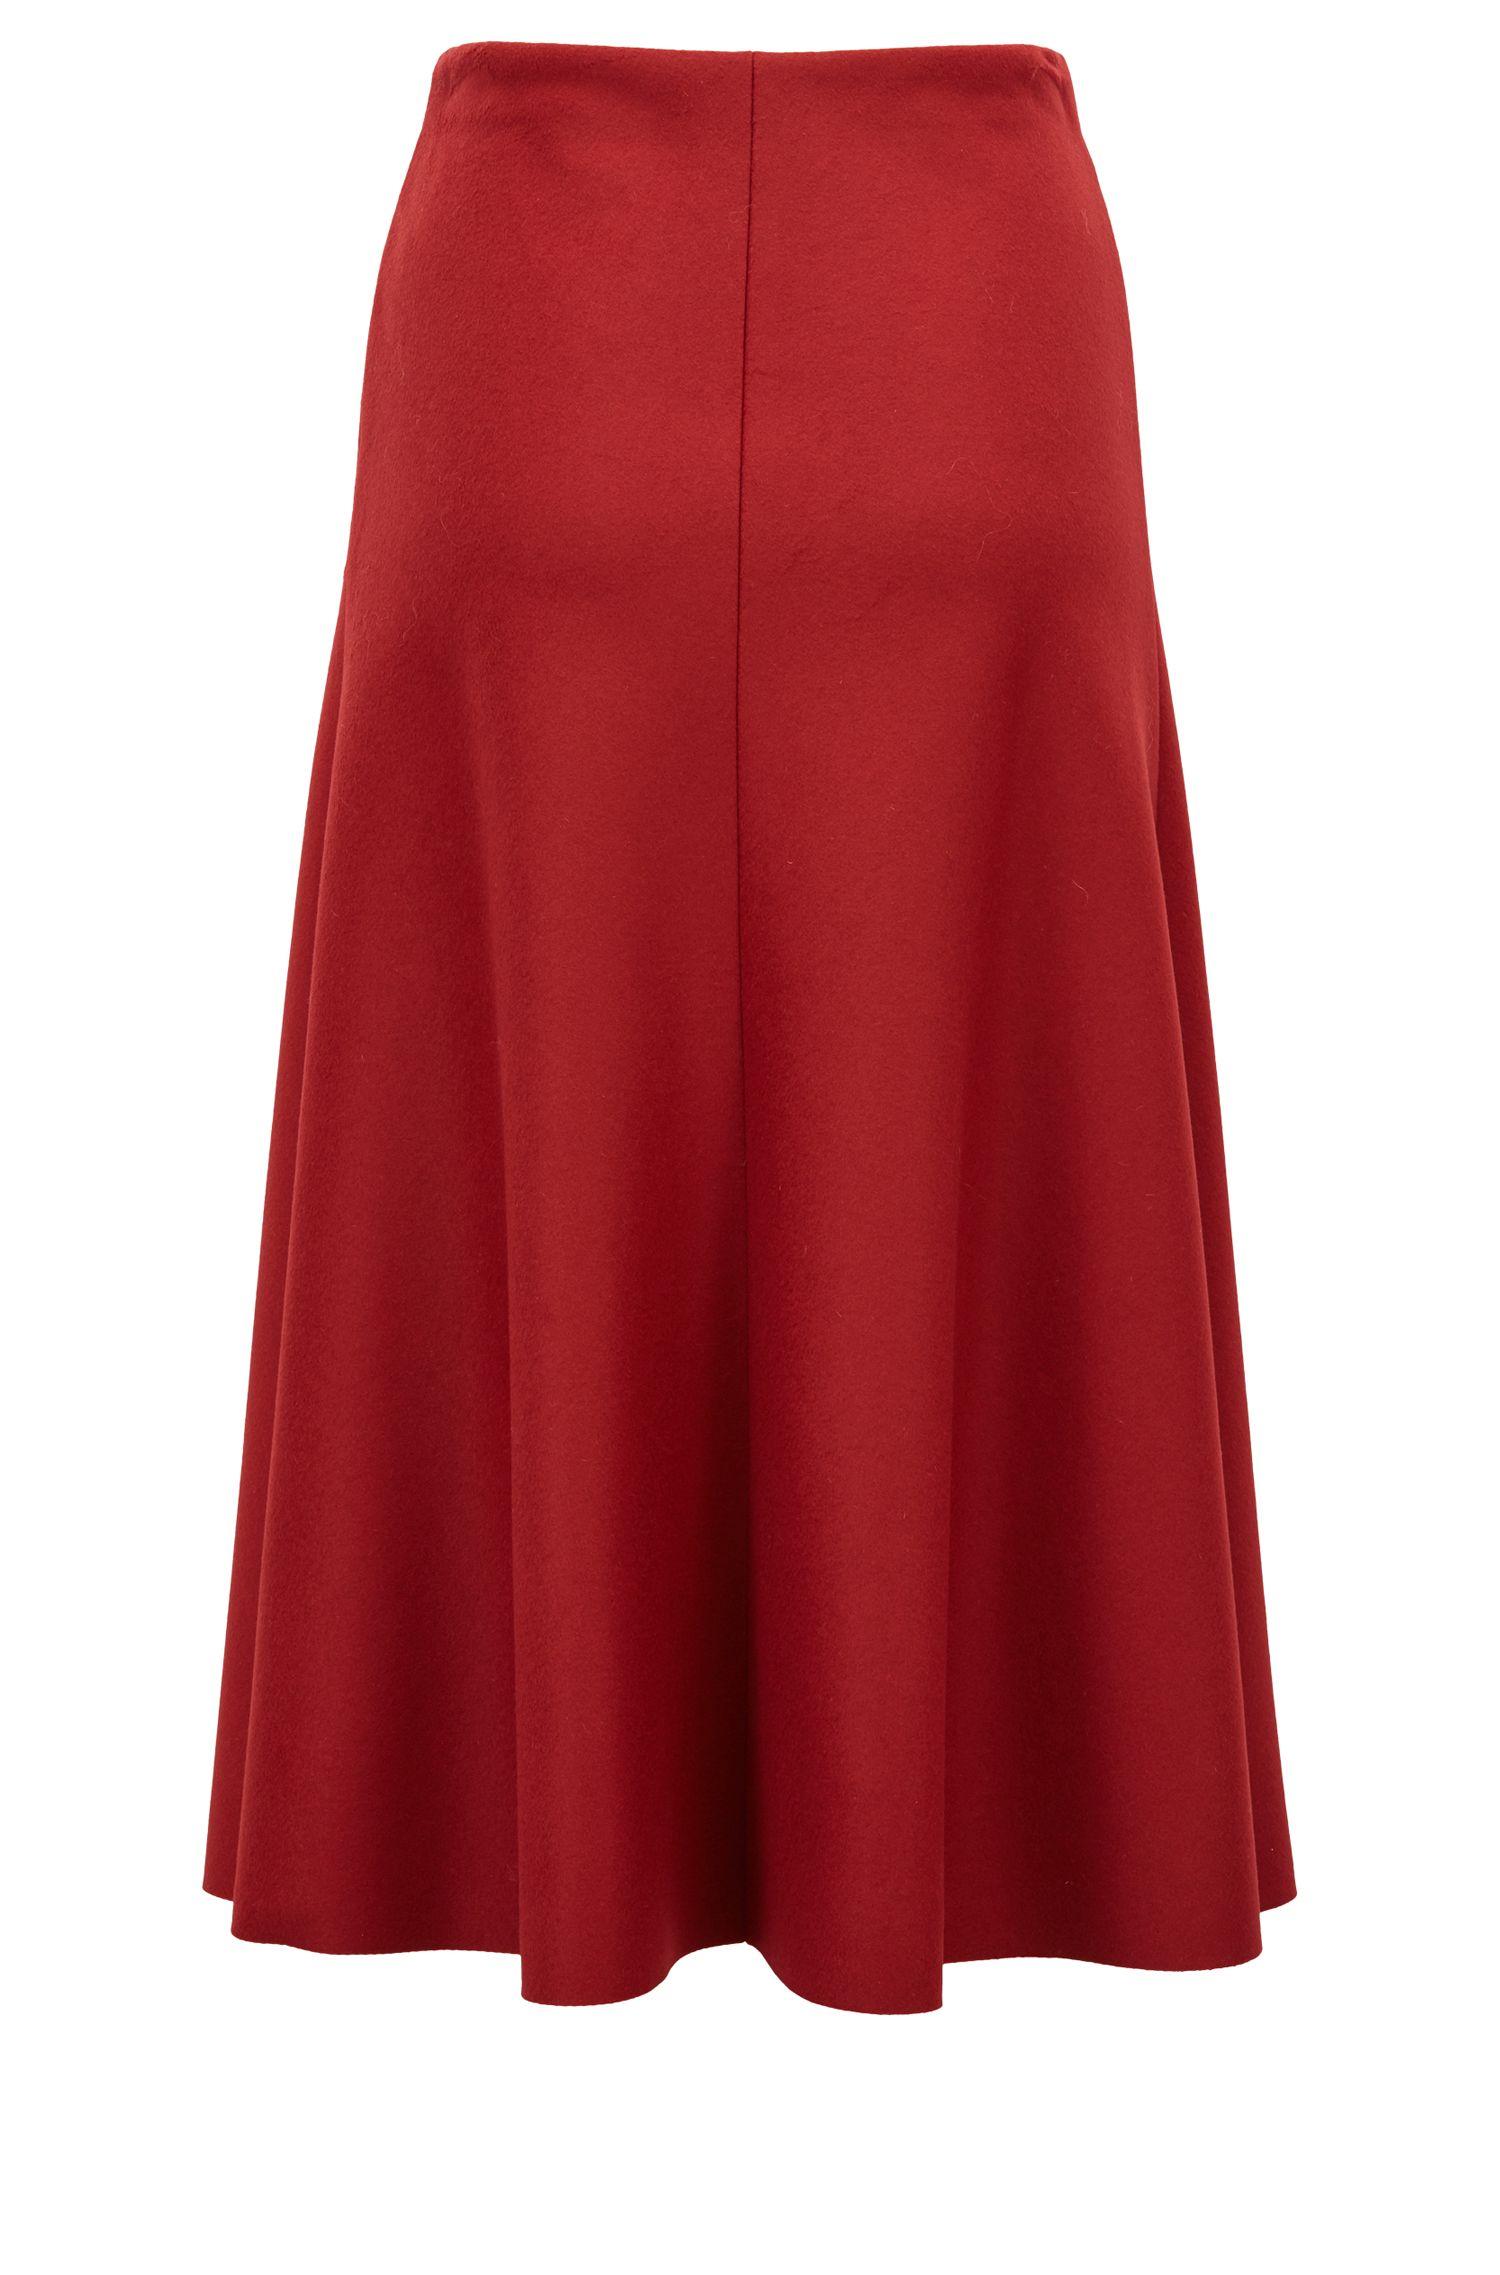 Jupe mi-longue évasée en laine vierge italienne et cachemire, Rouge sombre